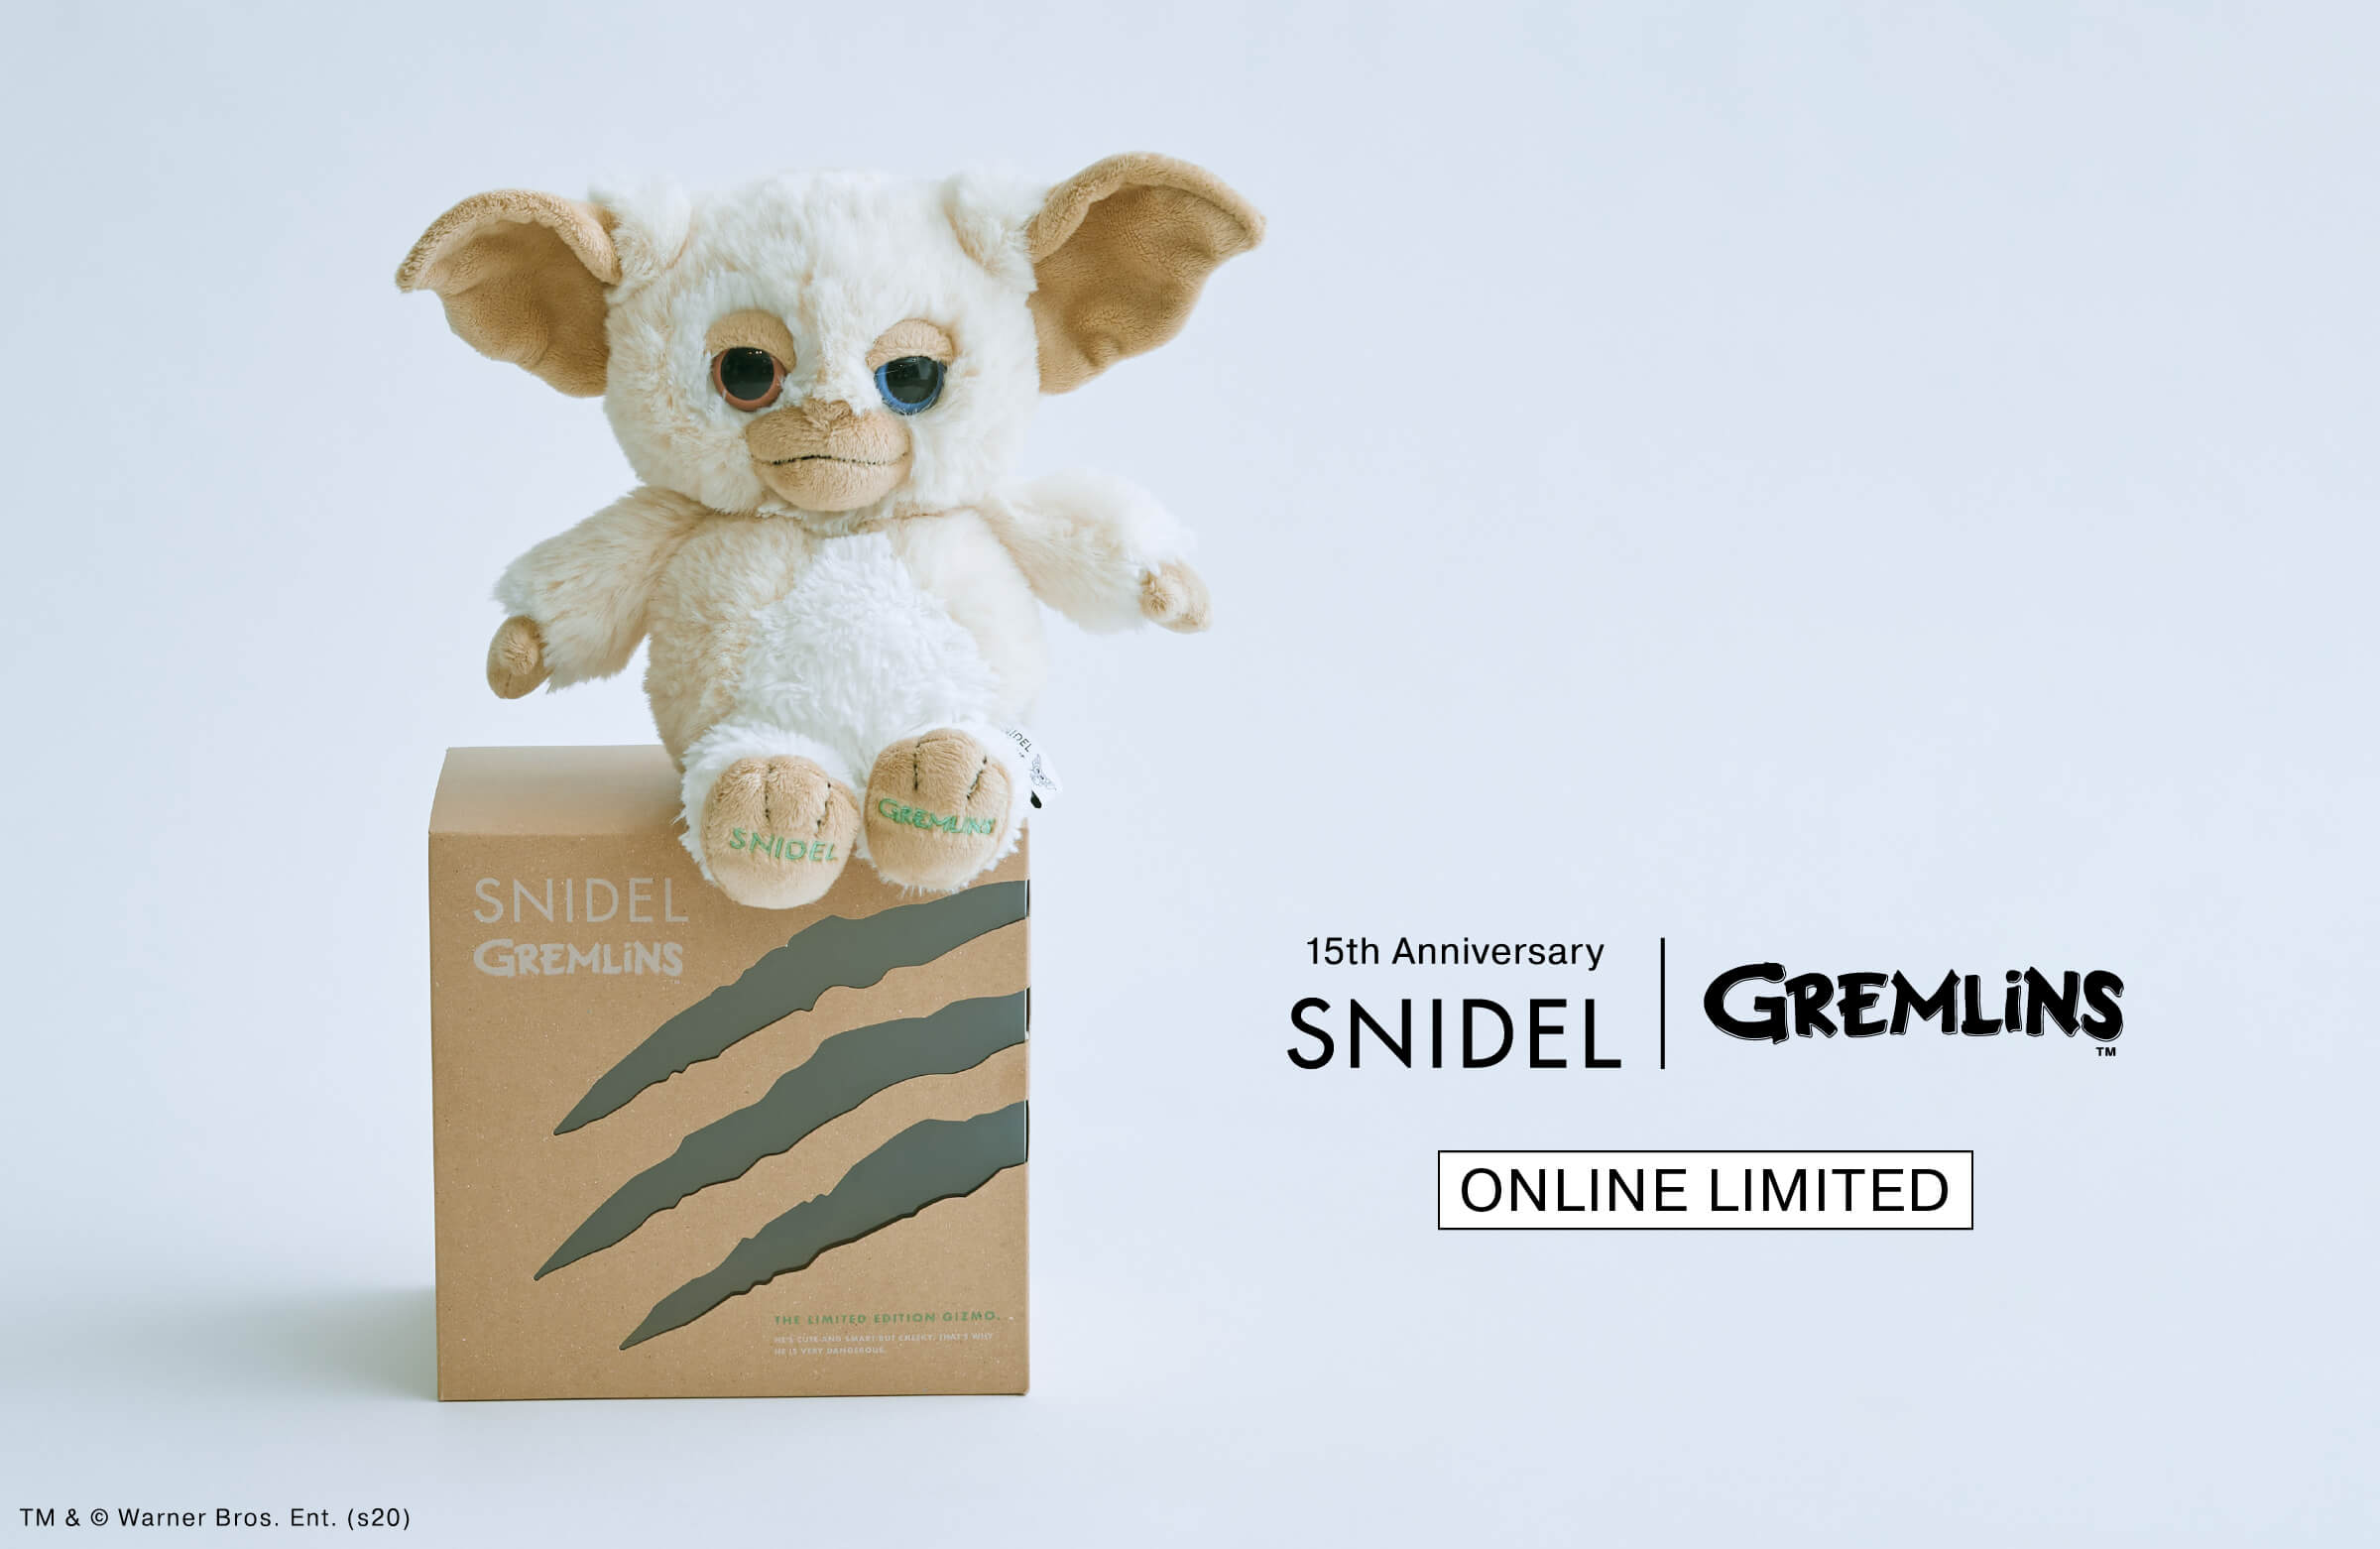 SNIDEL GREMLIN